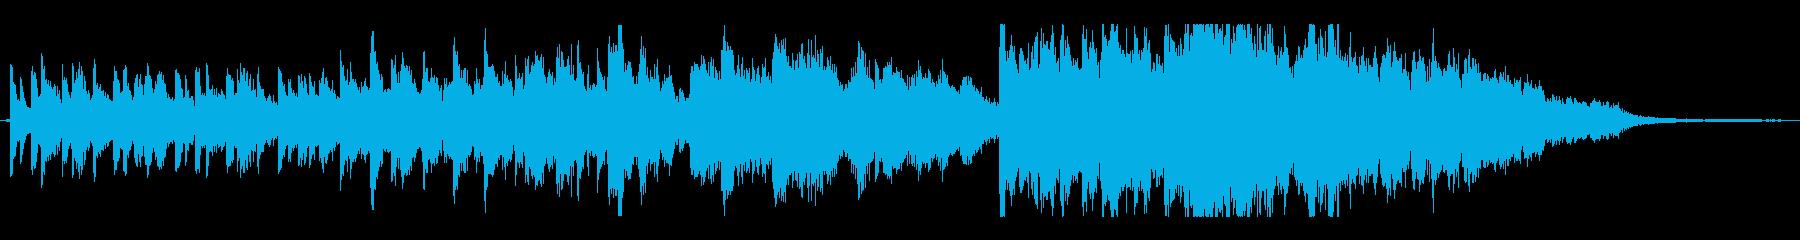 30秒CM明るく爽快ポップなオーケストラの再生済みの波形